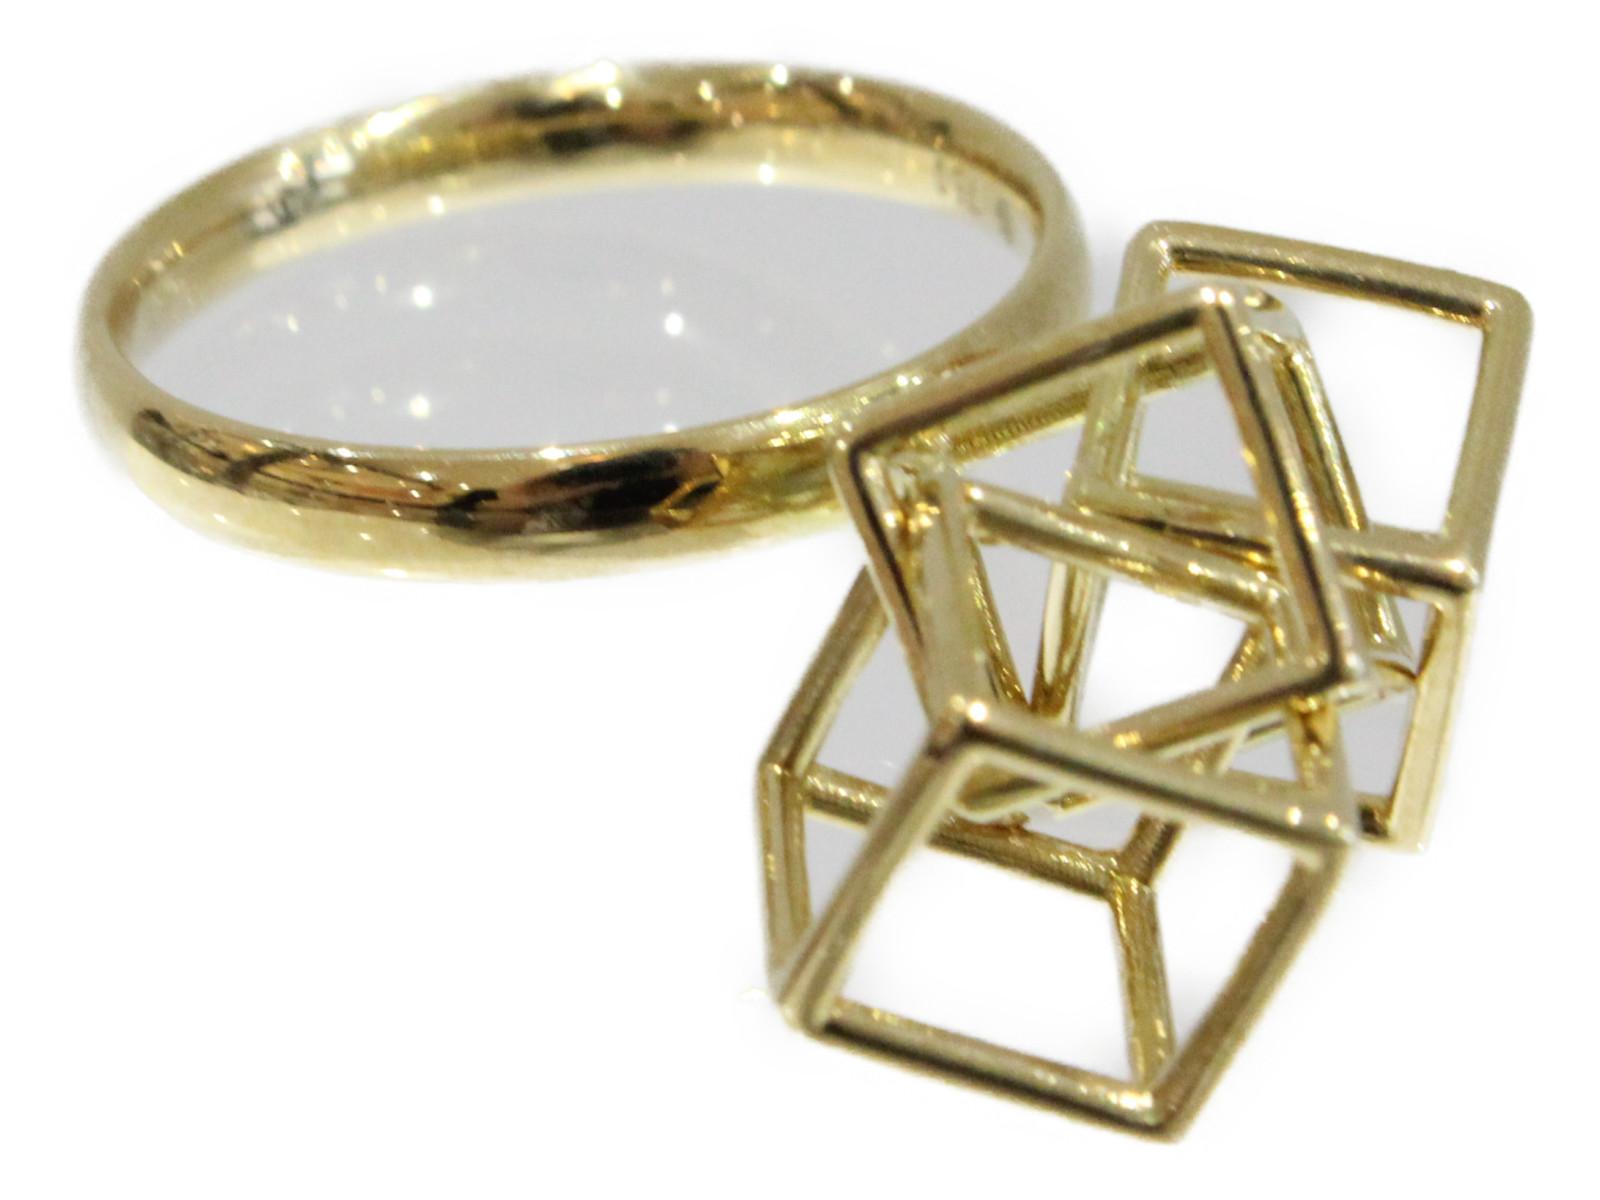 【箱・保証書あり】MITSUHIRO キューブリング R5181442 イエローゴールド K18YG 4.89gレディース メンズ ウィメンズ 指輪 珍しい 高級 ブランド